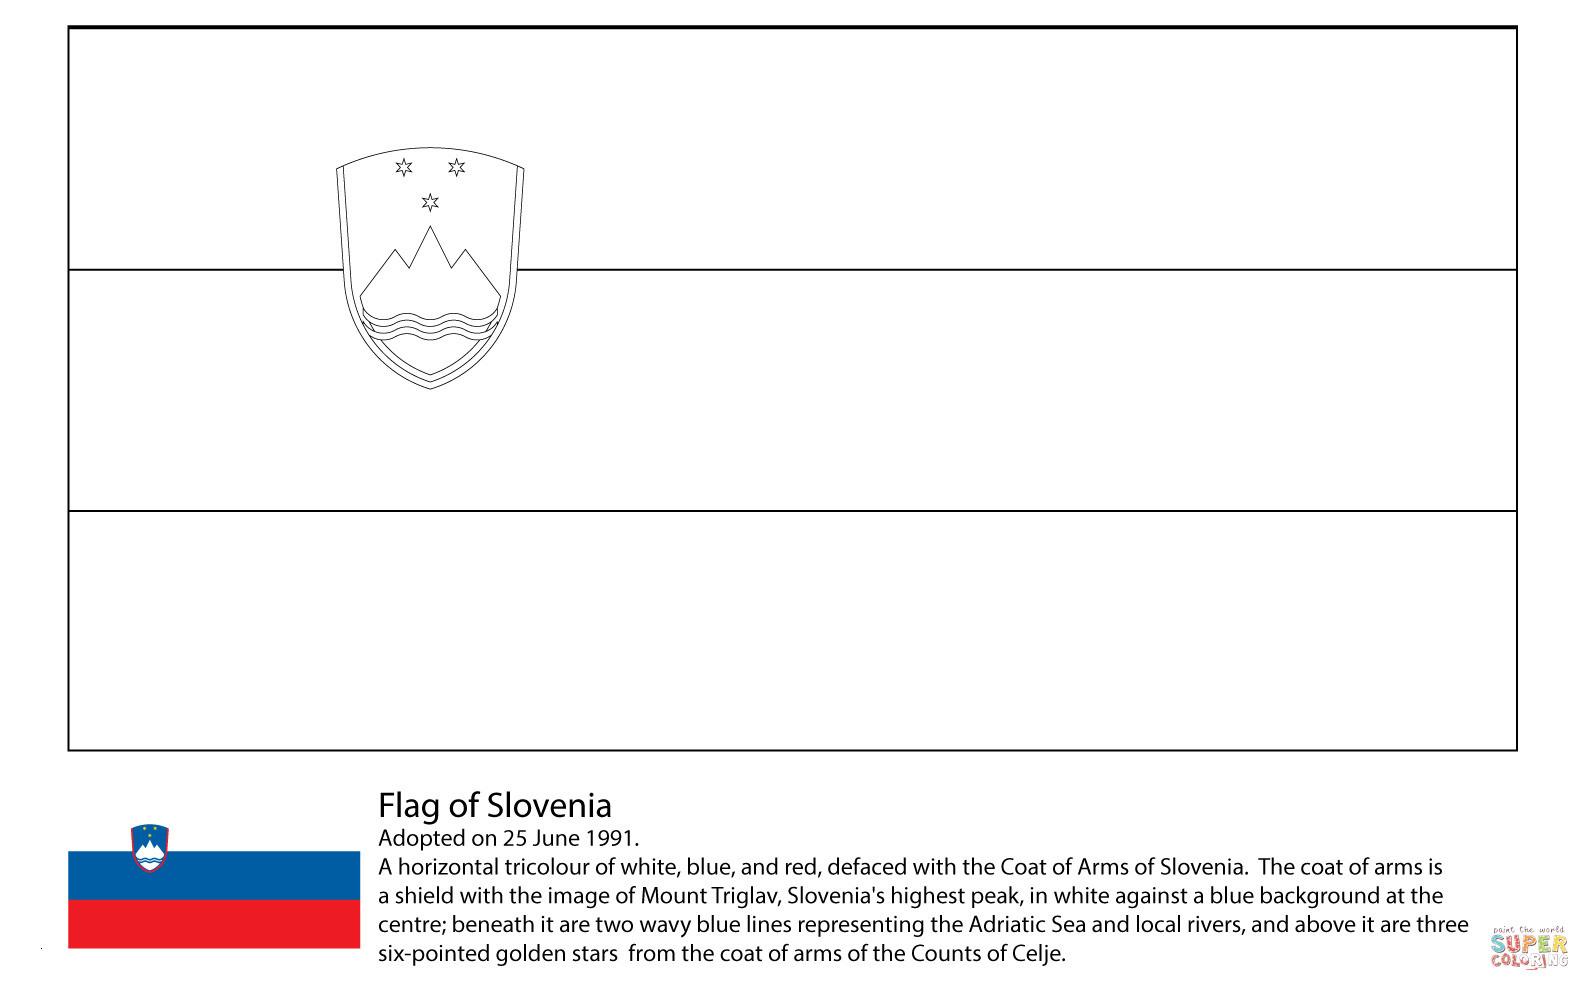 Reh Bilder Zum Ausmalen Neu Ausmalbild Flagge Von Slowenien Luxus Ausmalbilder Fahnen Fotografieren